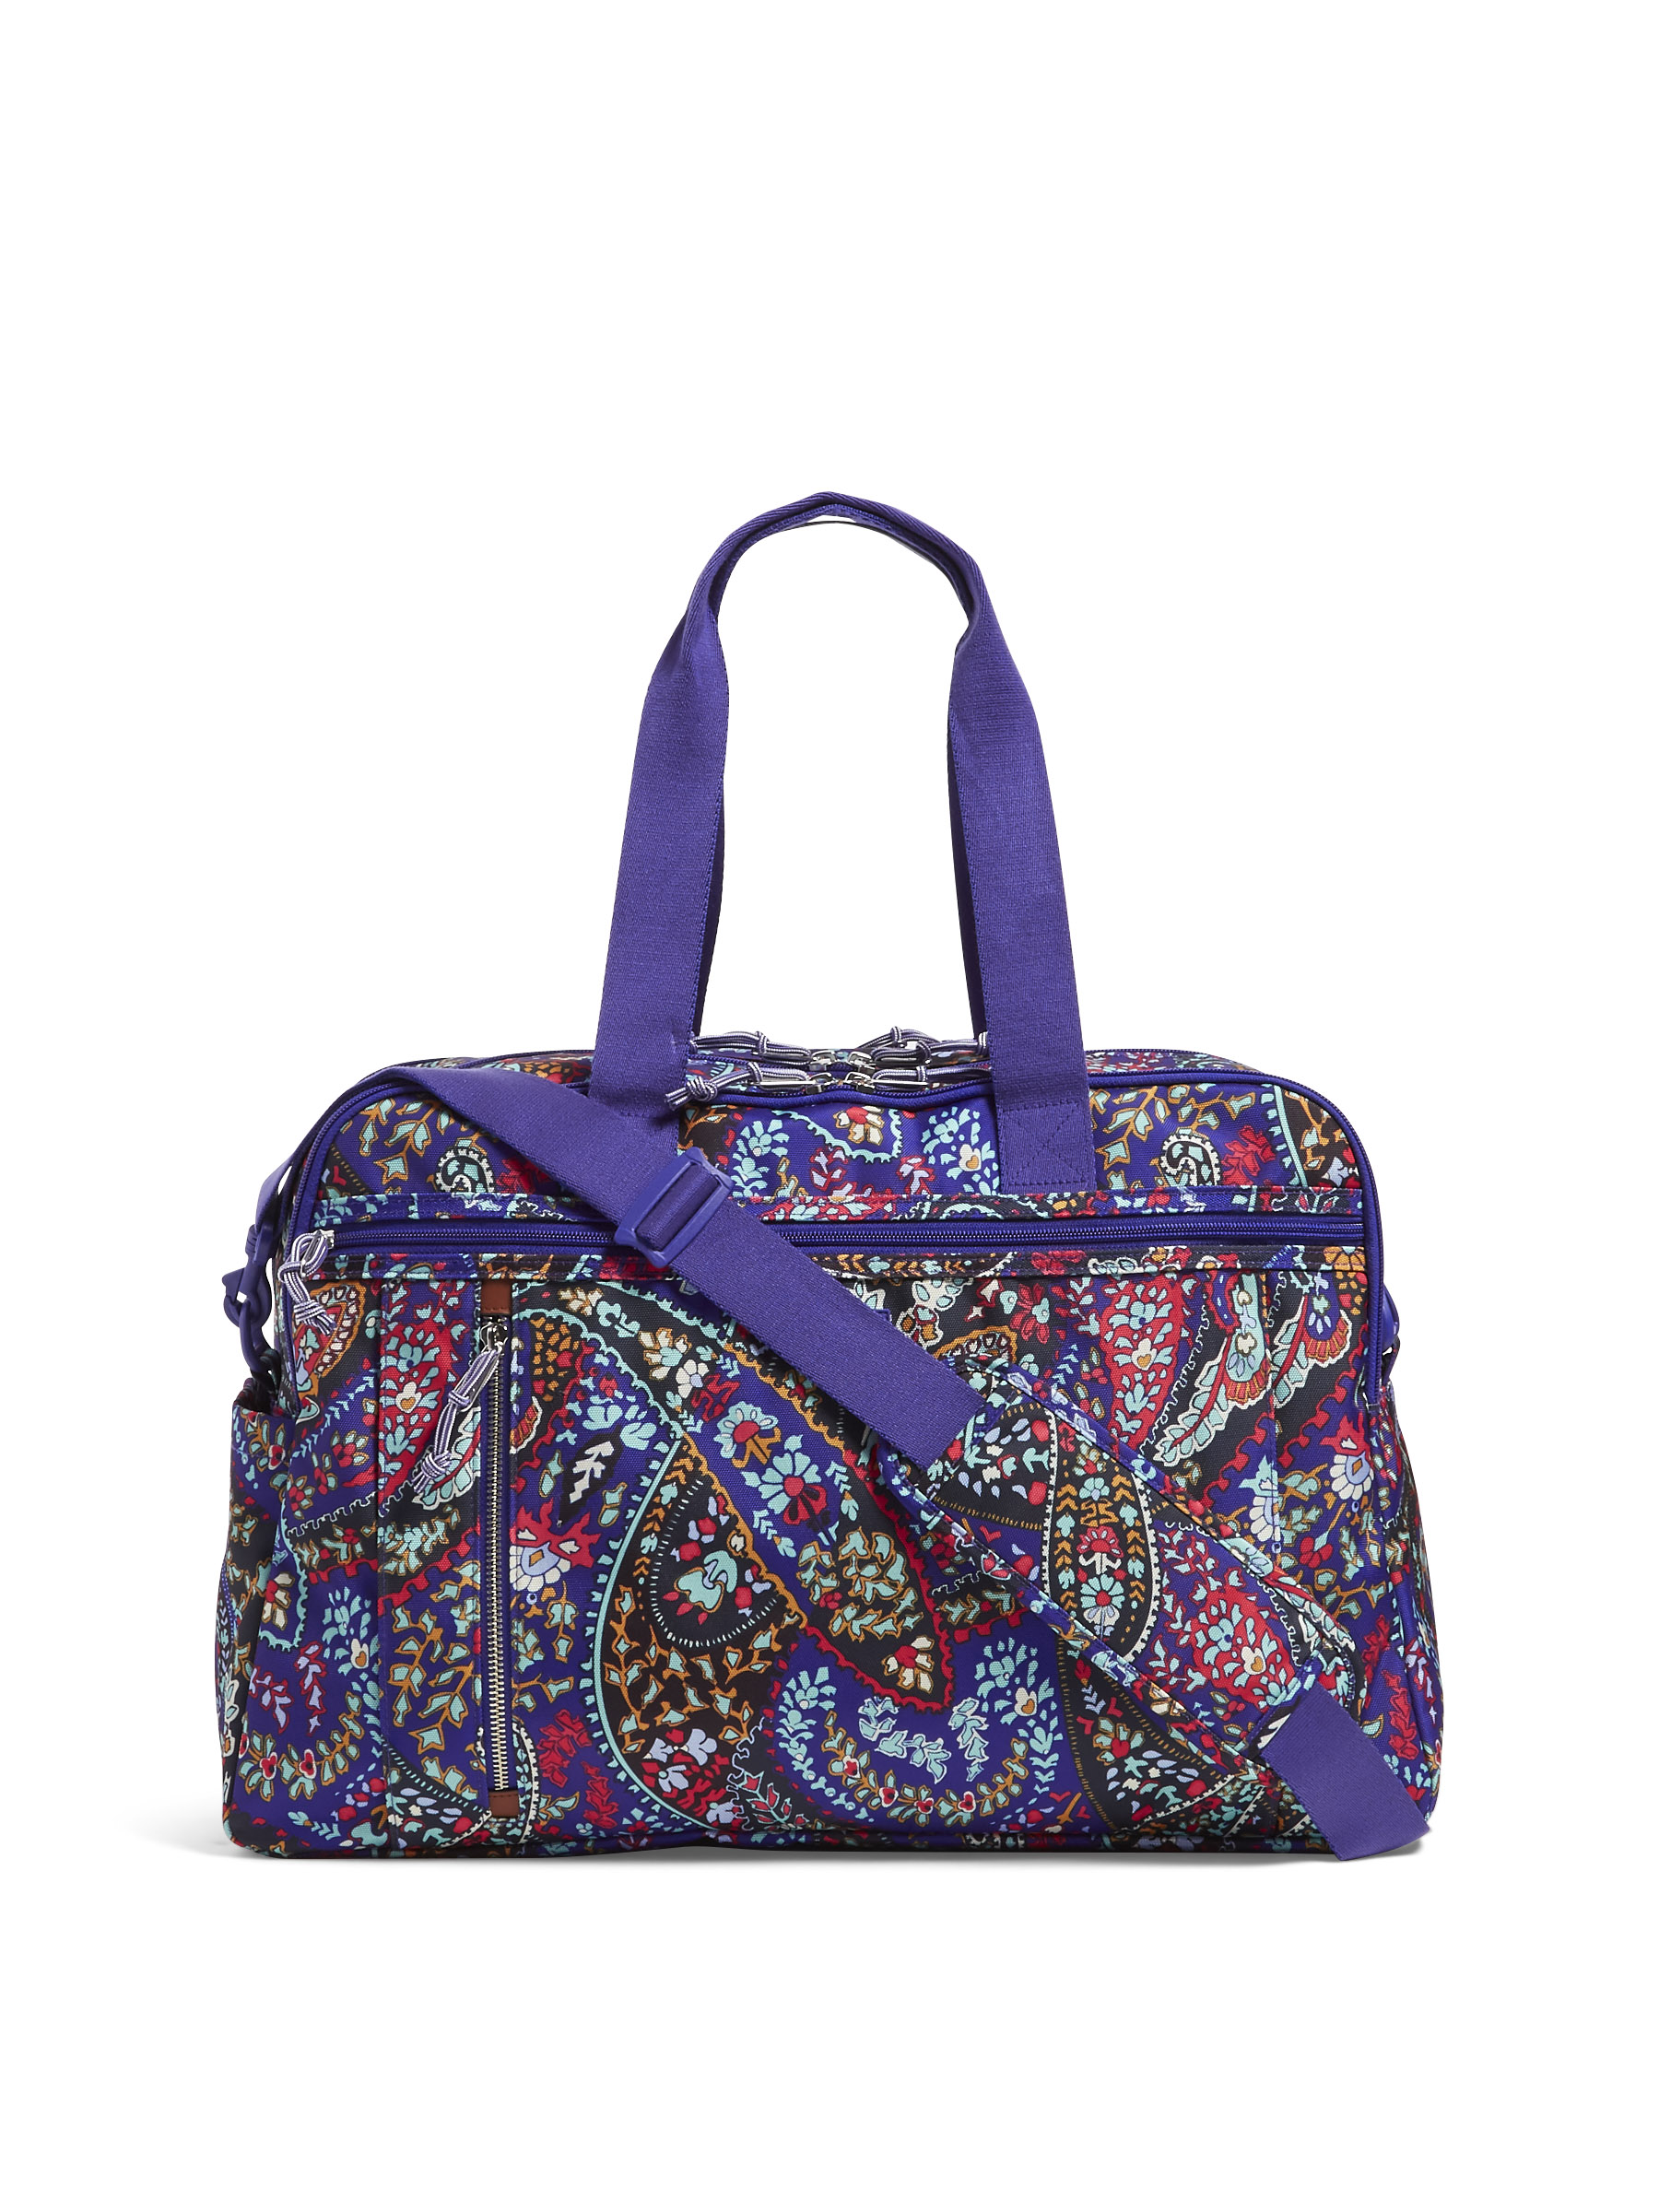 c8cdb1d4a Vera Bradley - Lighten Up Weekender Travel Bag - Walmart.com